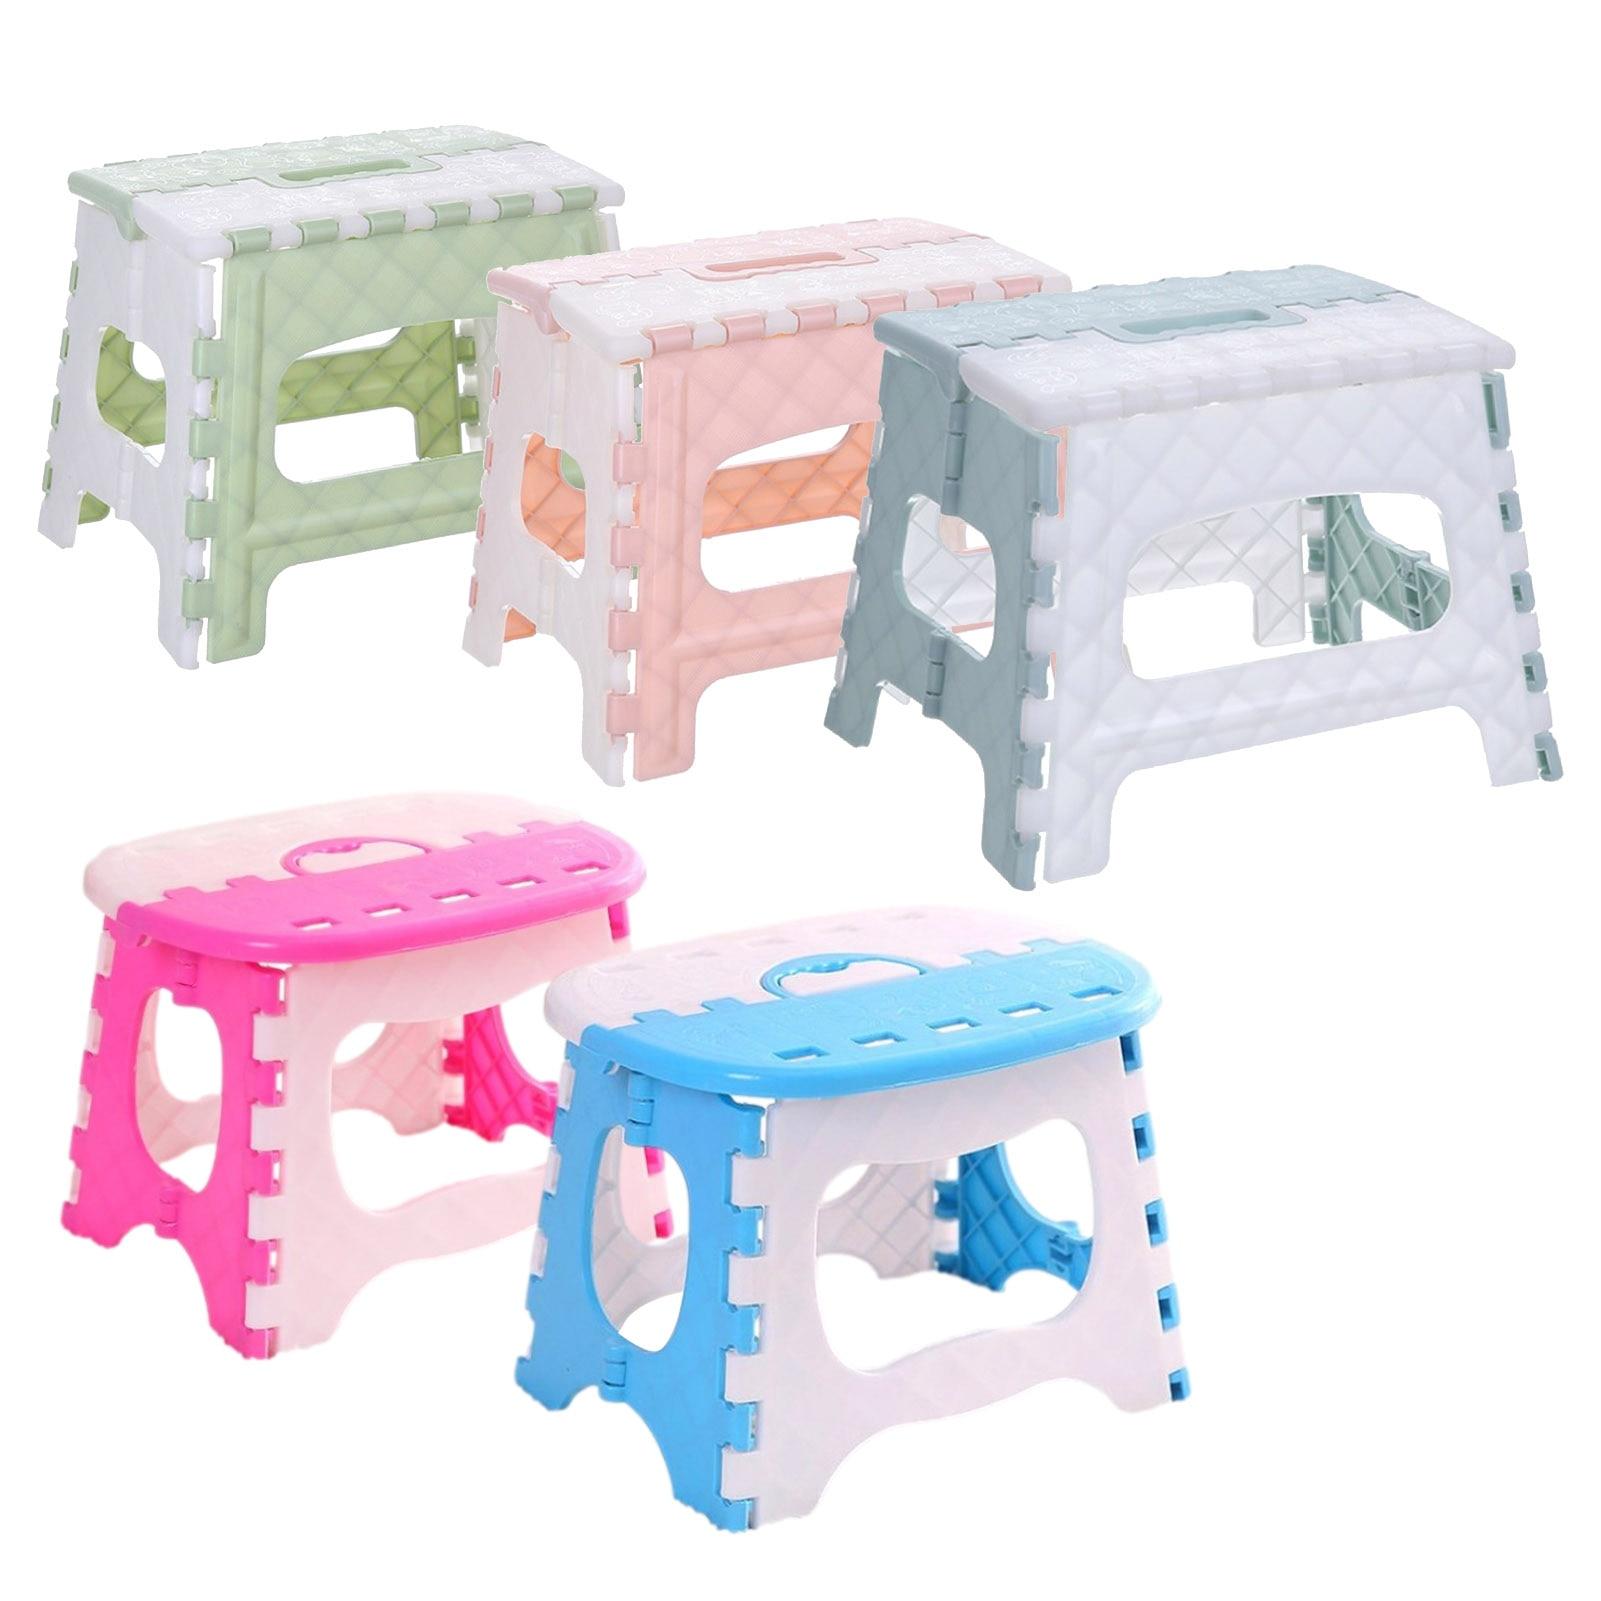 Складные стулья, многофункциональные портативные Стулья ПП-стулья для детей и взрослых, портативные маленькие стулья для помещений, стул д...